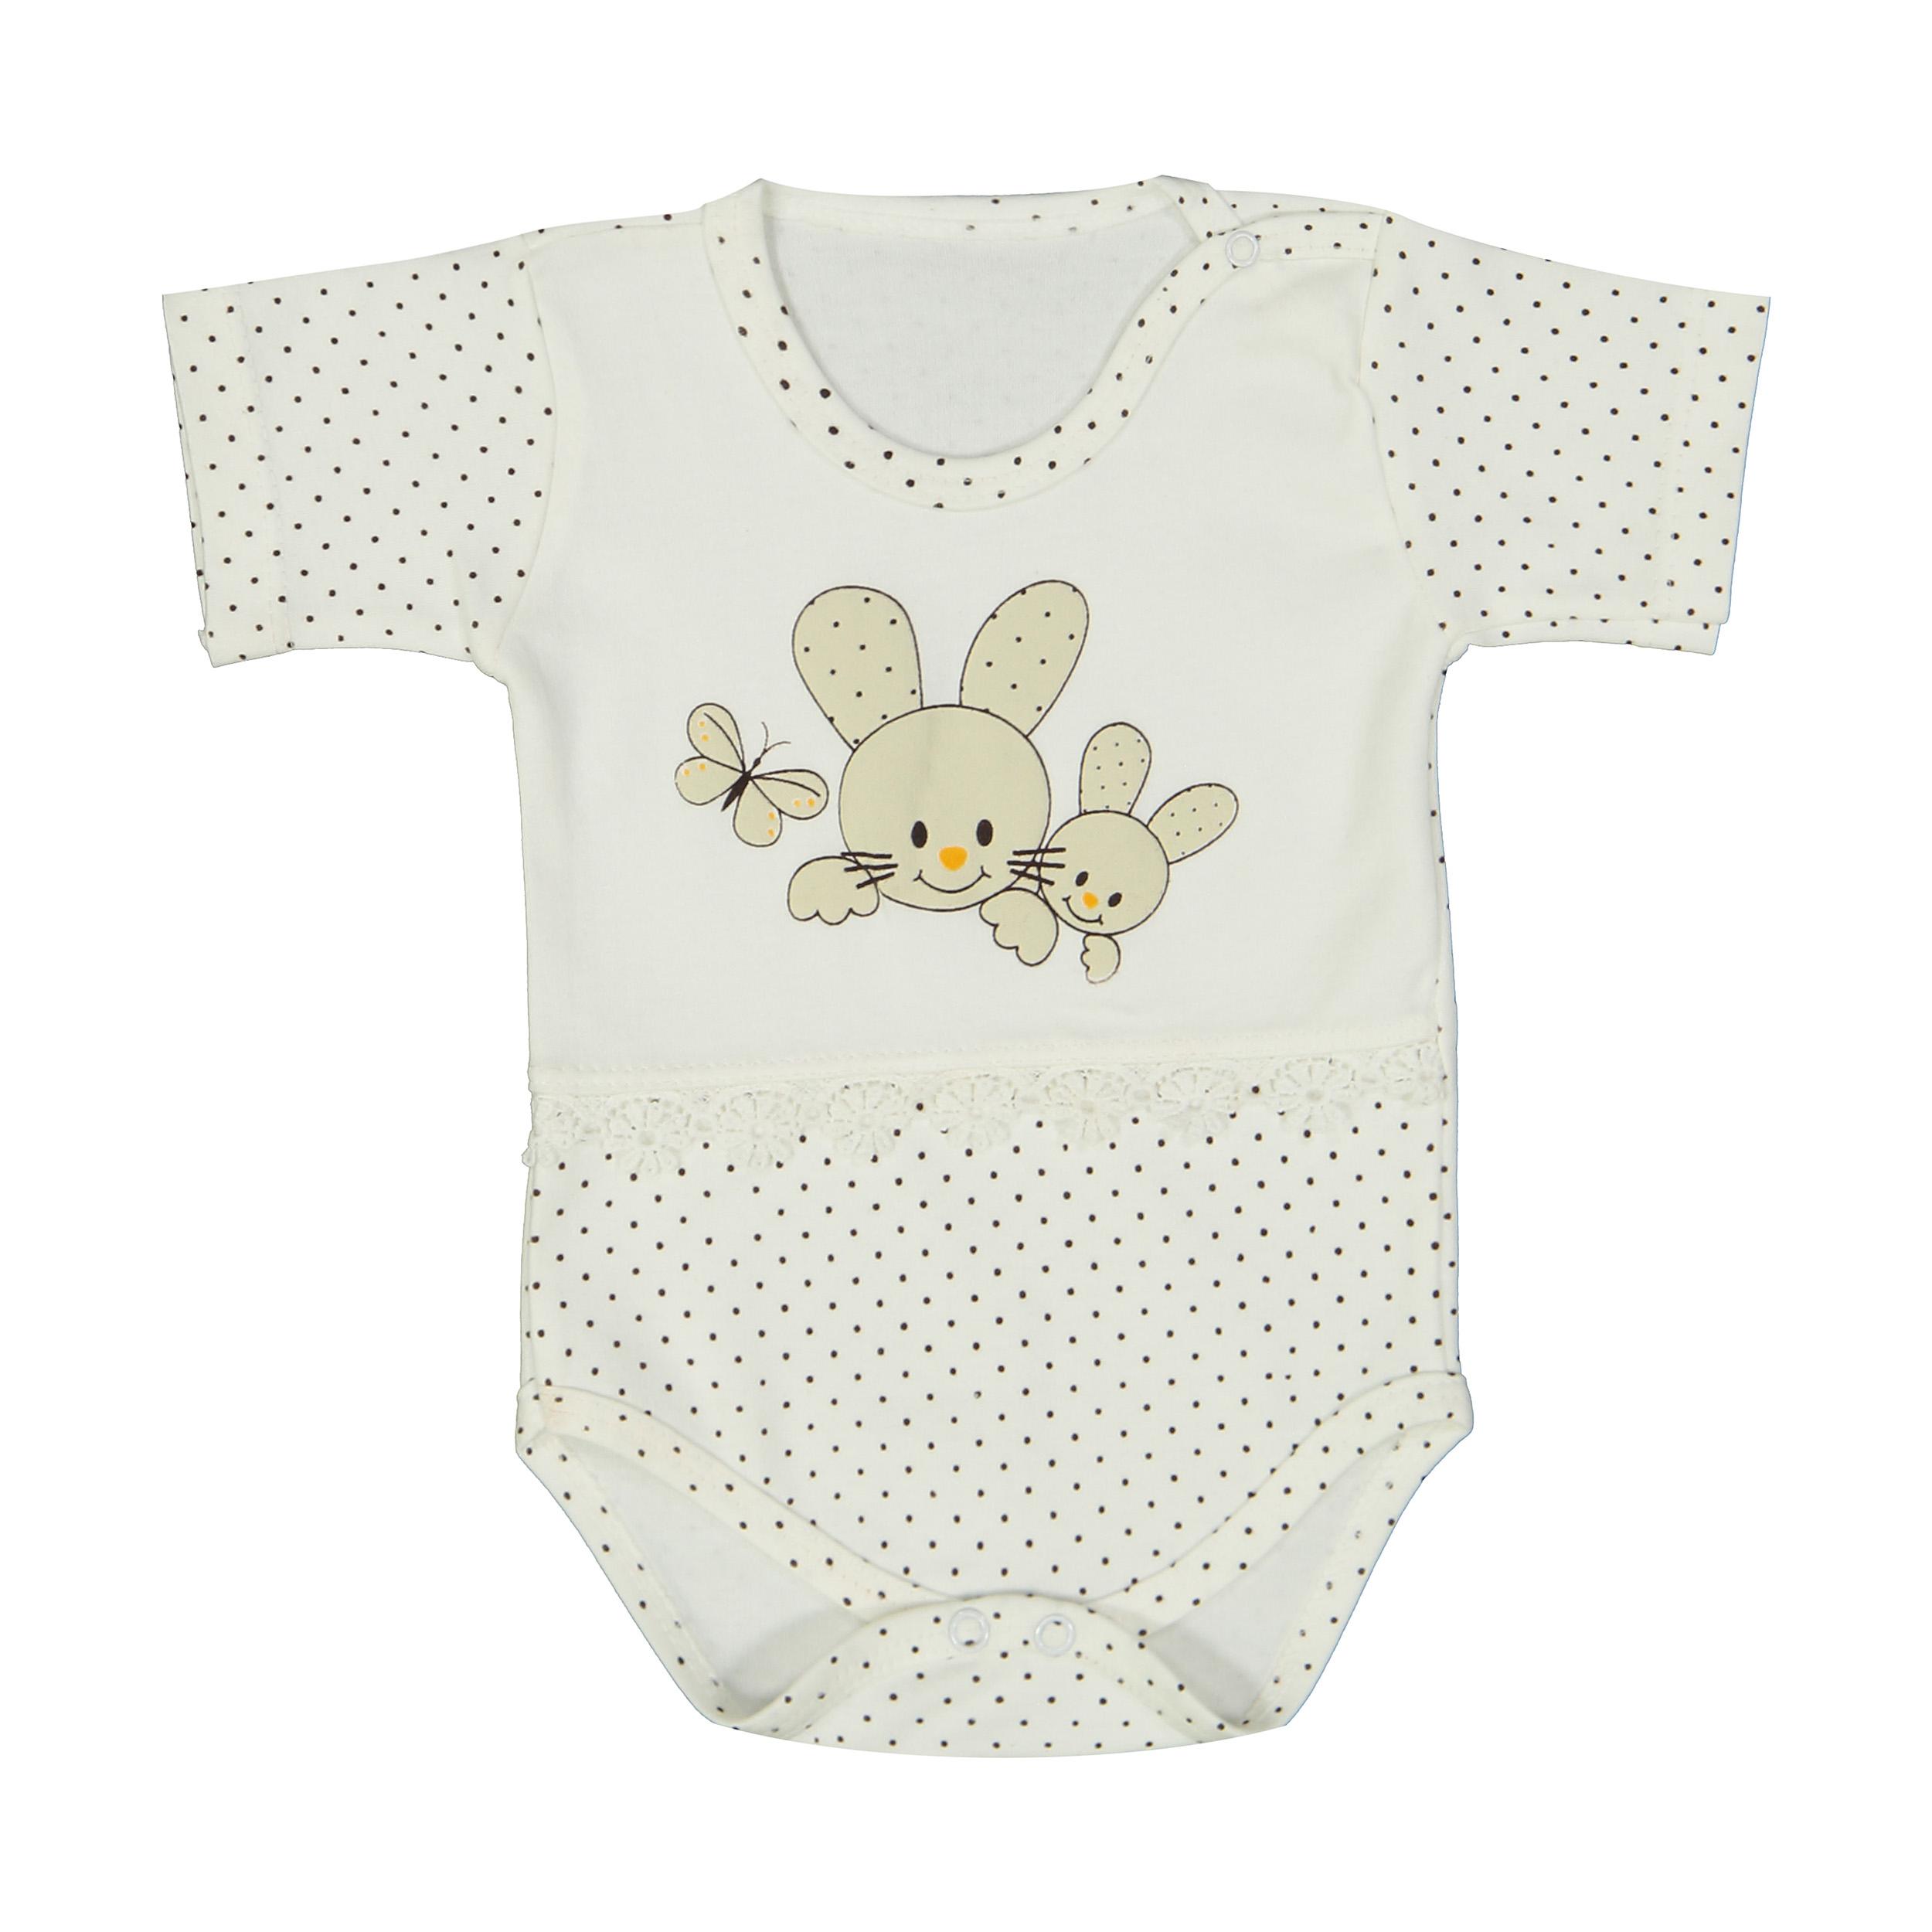 بادی نوزادی دخترانه طرح خرگوش کوچولو